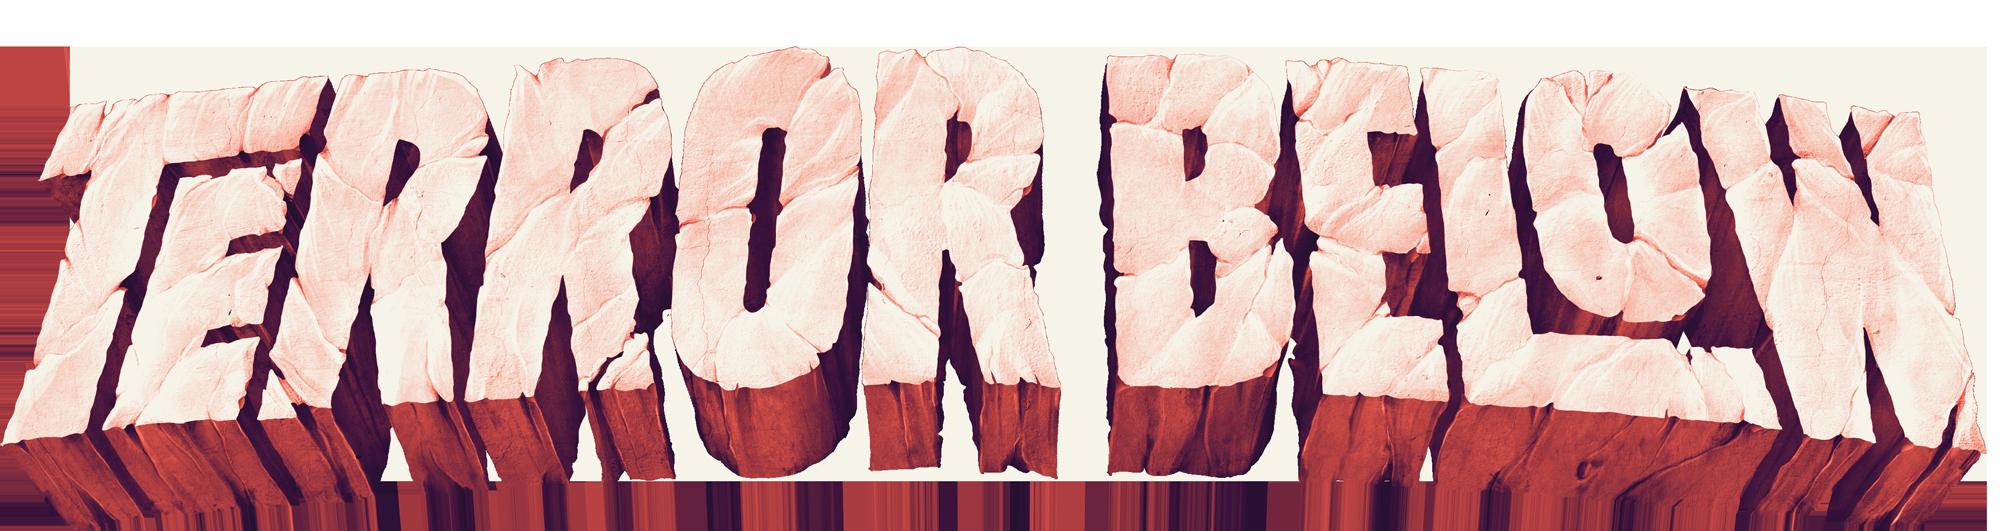 terror below logo.png